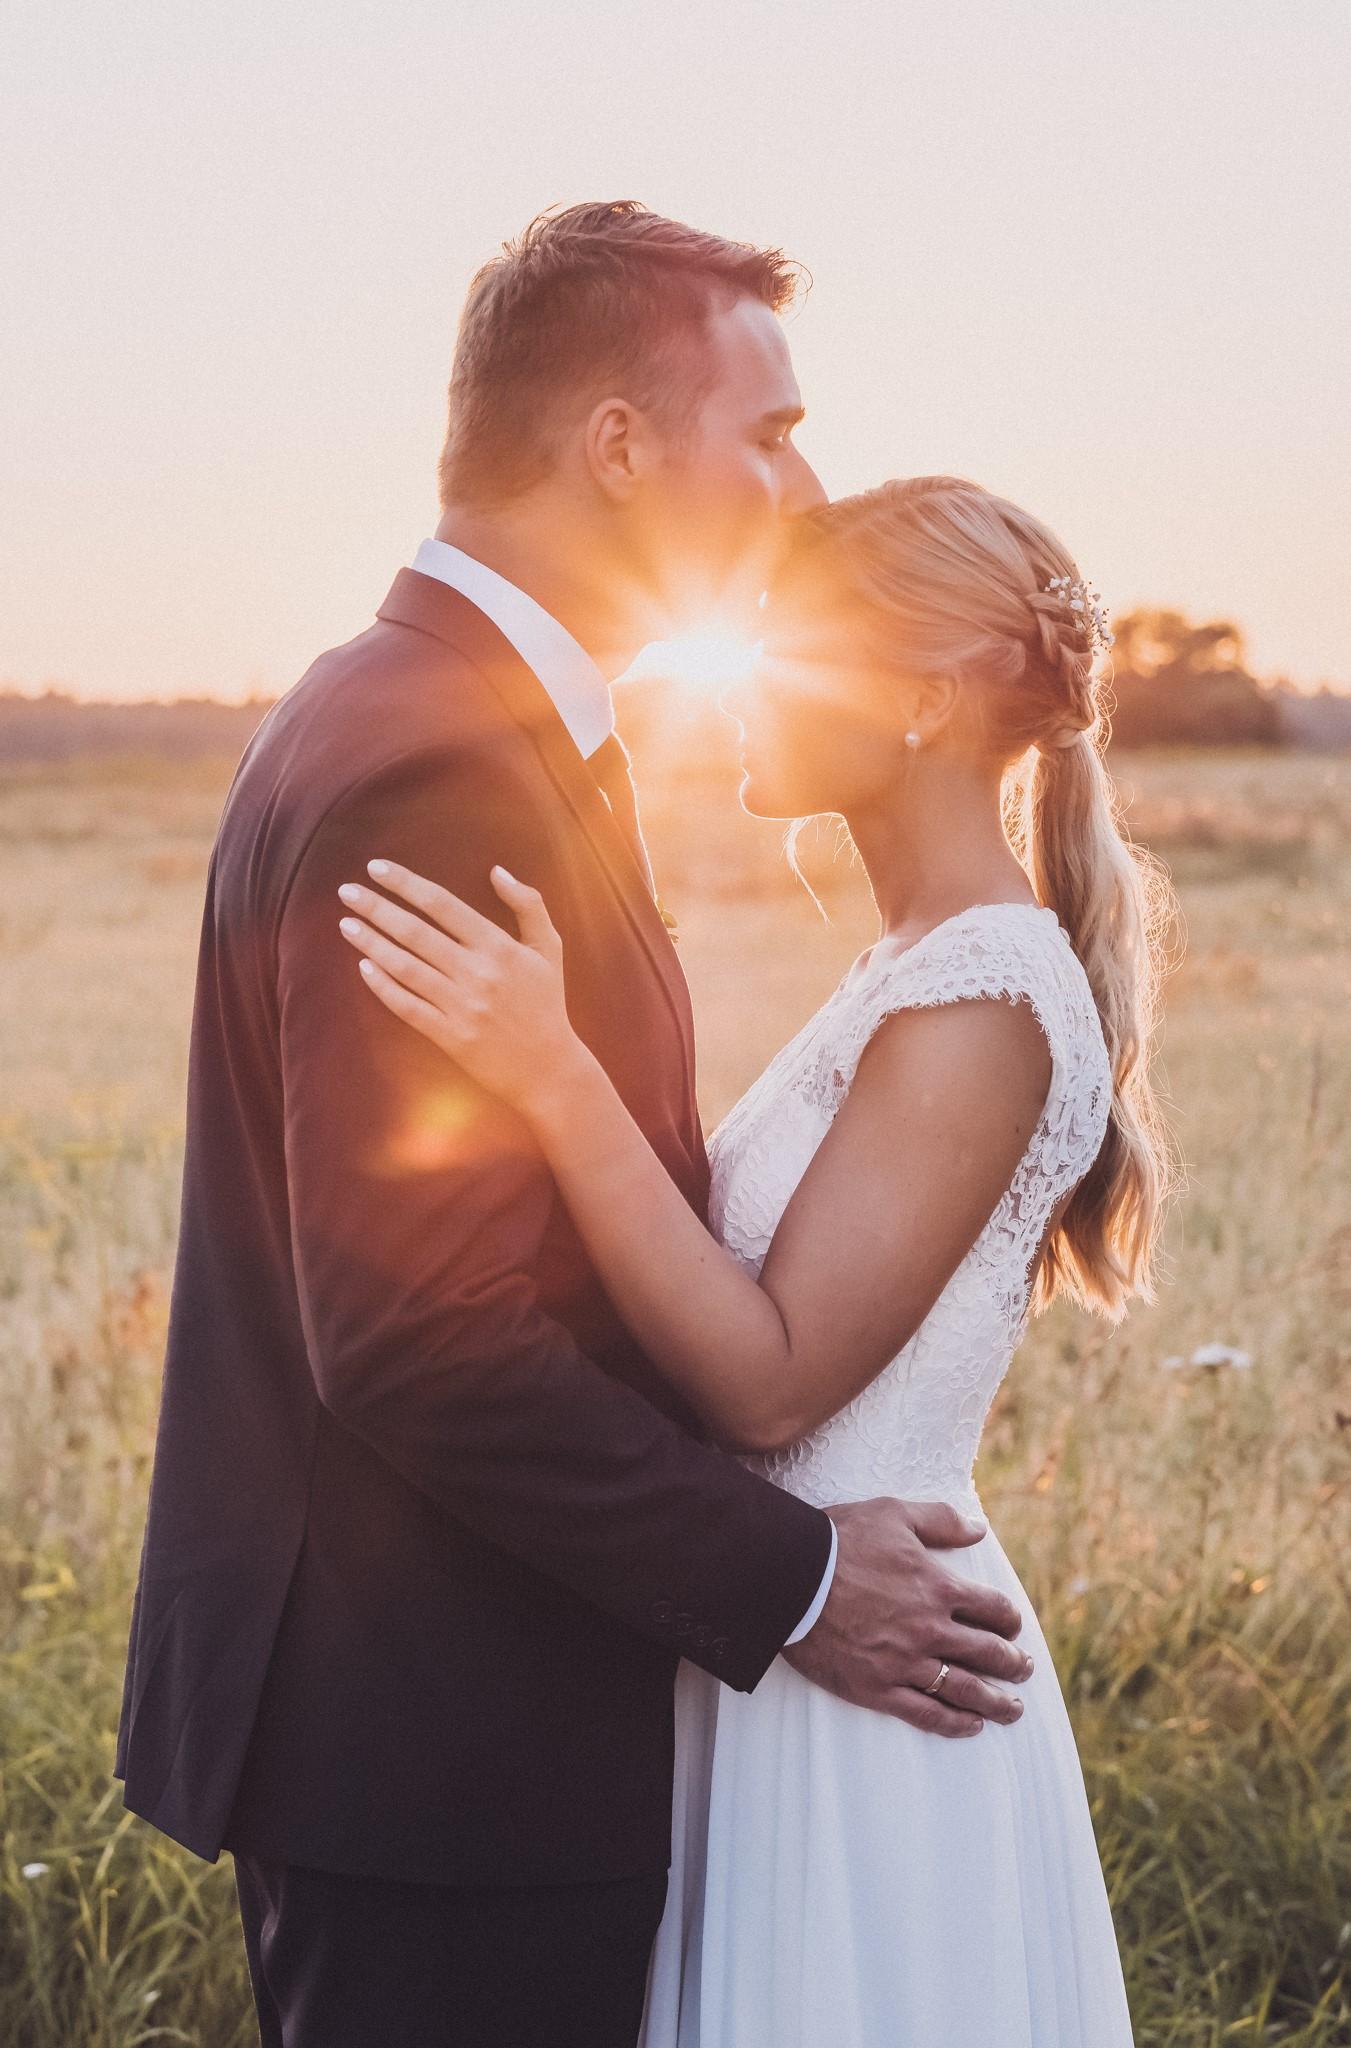 pulmad portree sunset